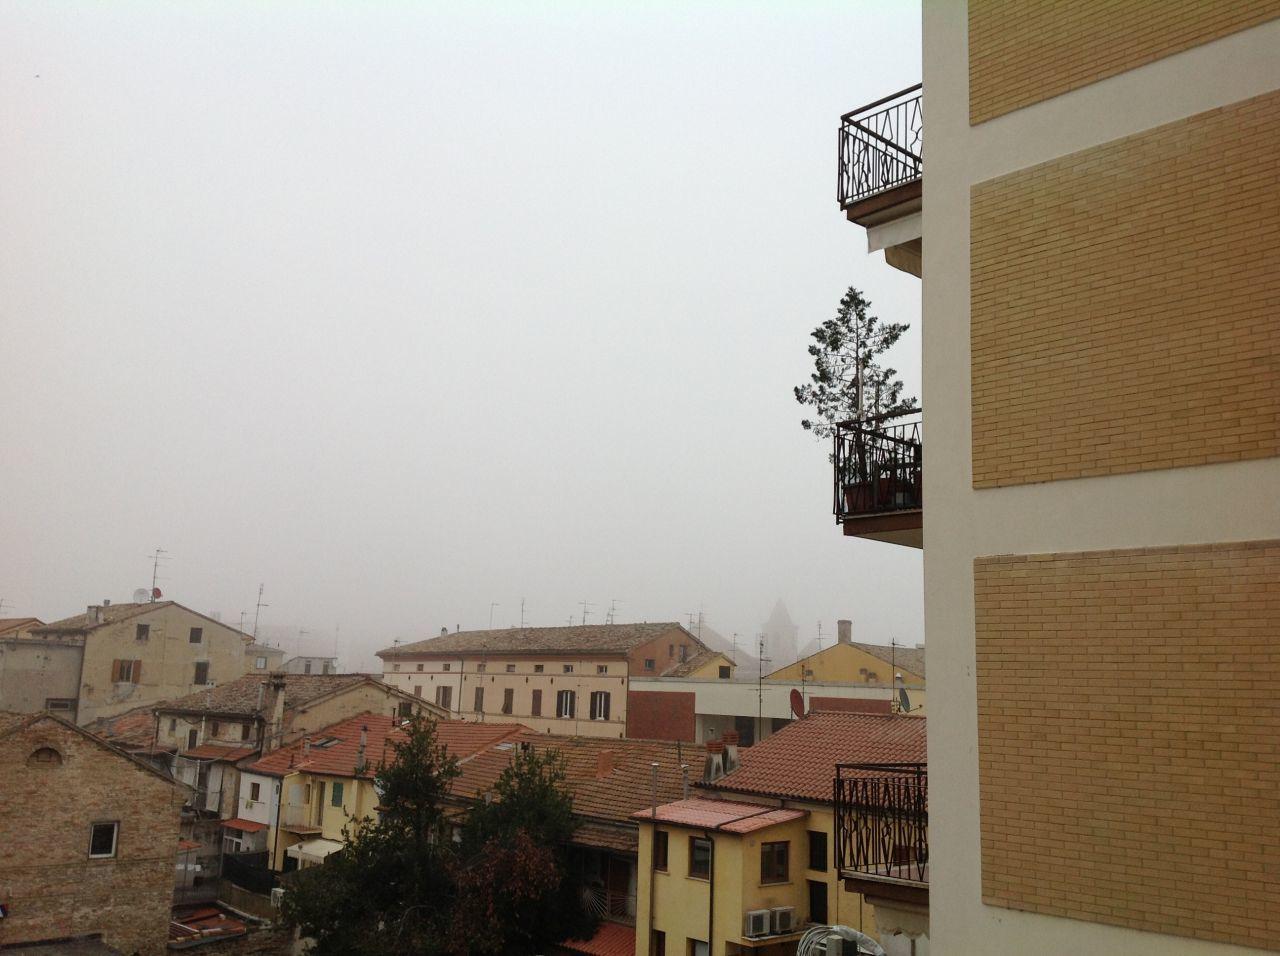 Appartamento in vendita a Chiaravalle, 7 locali, prezzo € 90.000 | CambioCasa.it